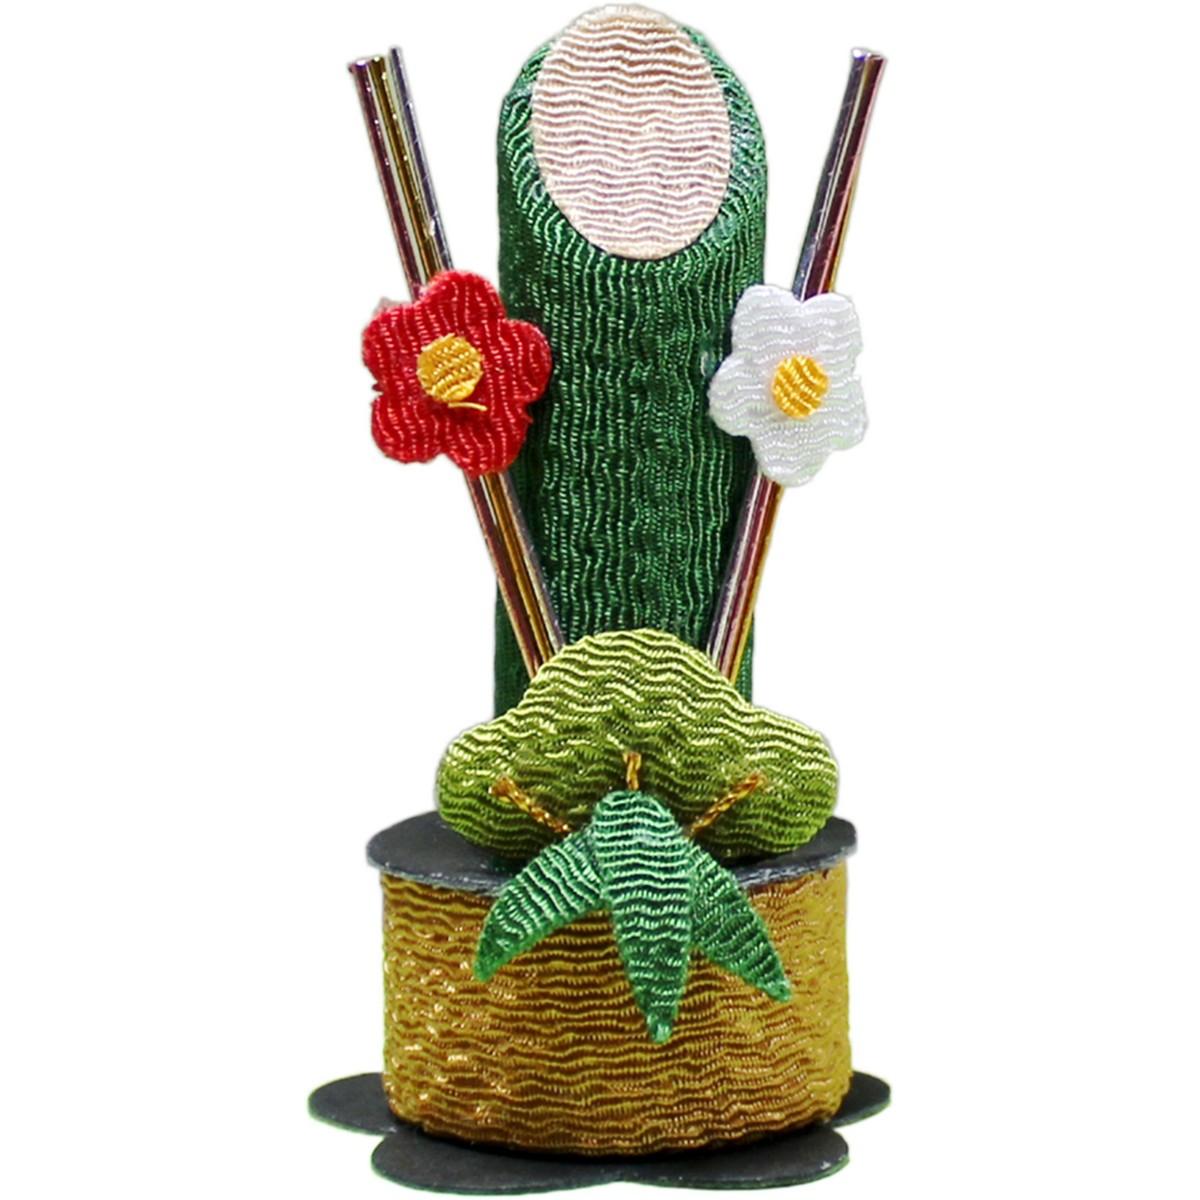 N-185 門松ピック 12コセット 《201920mass》| アレンジメント用品 フラワー グリーン 花資材 園芸 お正月 飾り ピック